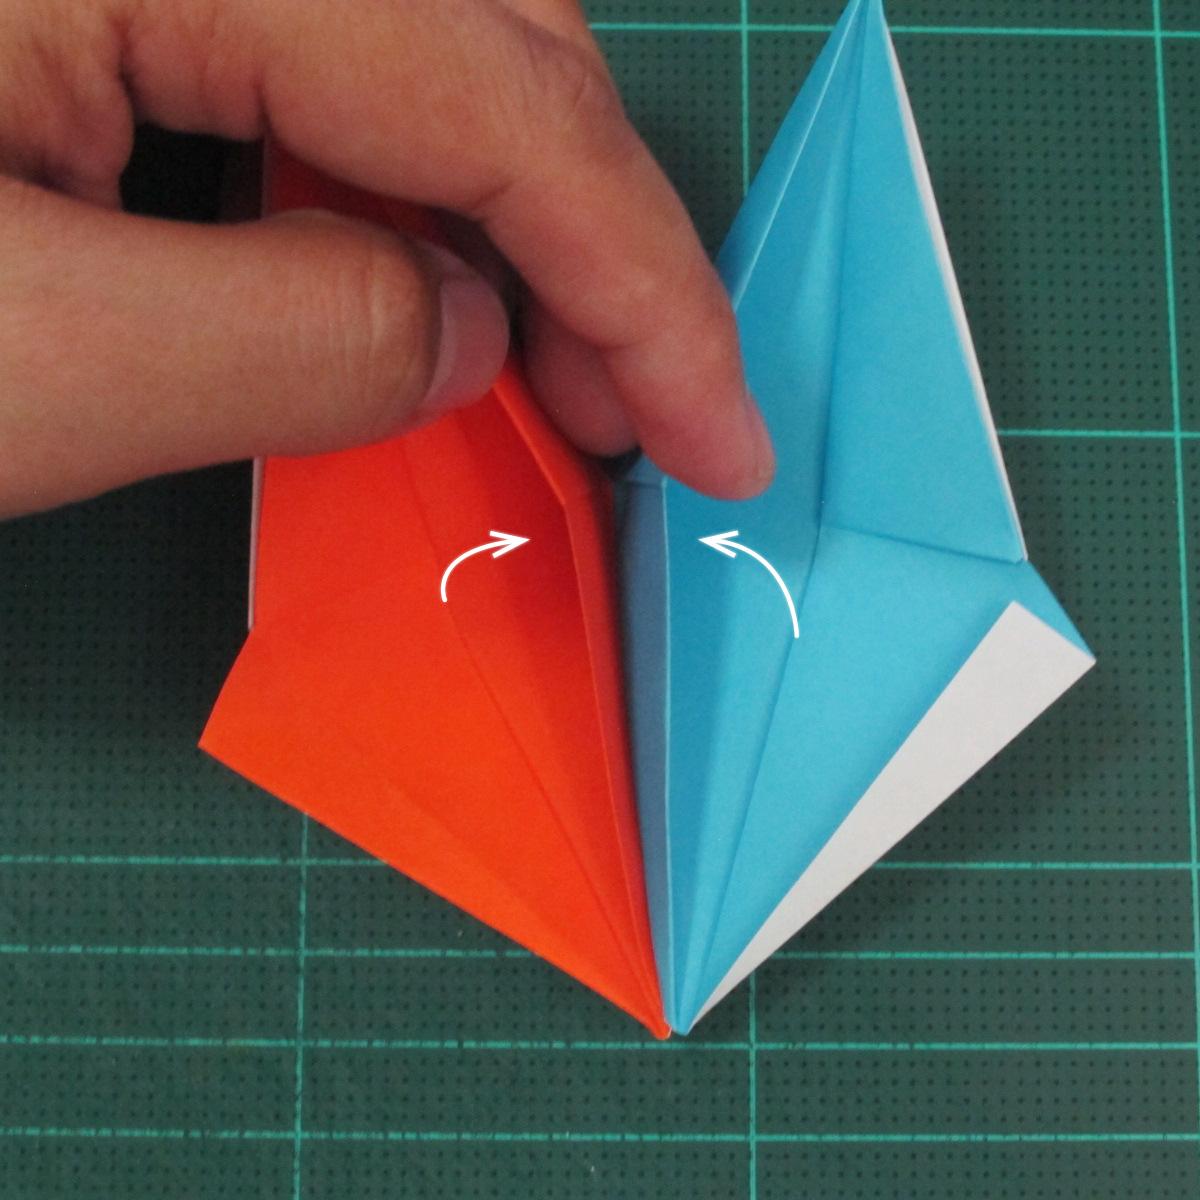 วิธีพับกระดาษเป็นถาดใส่ขนมรูปดาวแปดแฉก (Origami Eight Point Star Candy Tray) 022